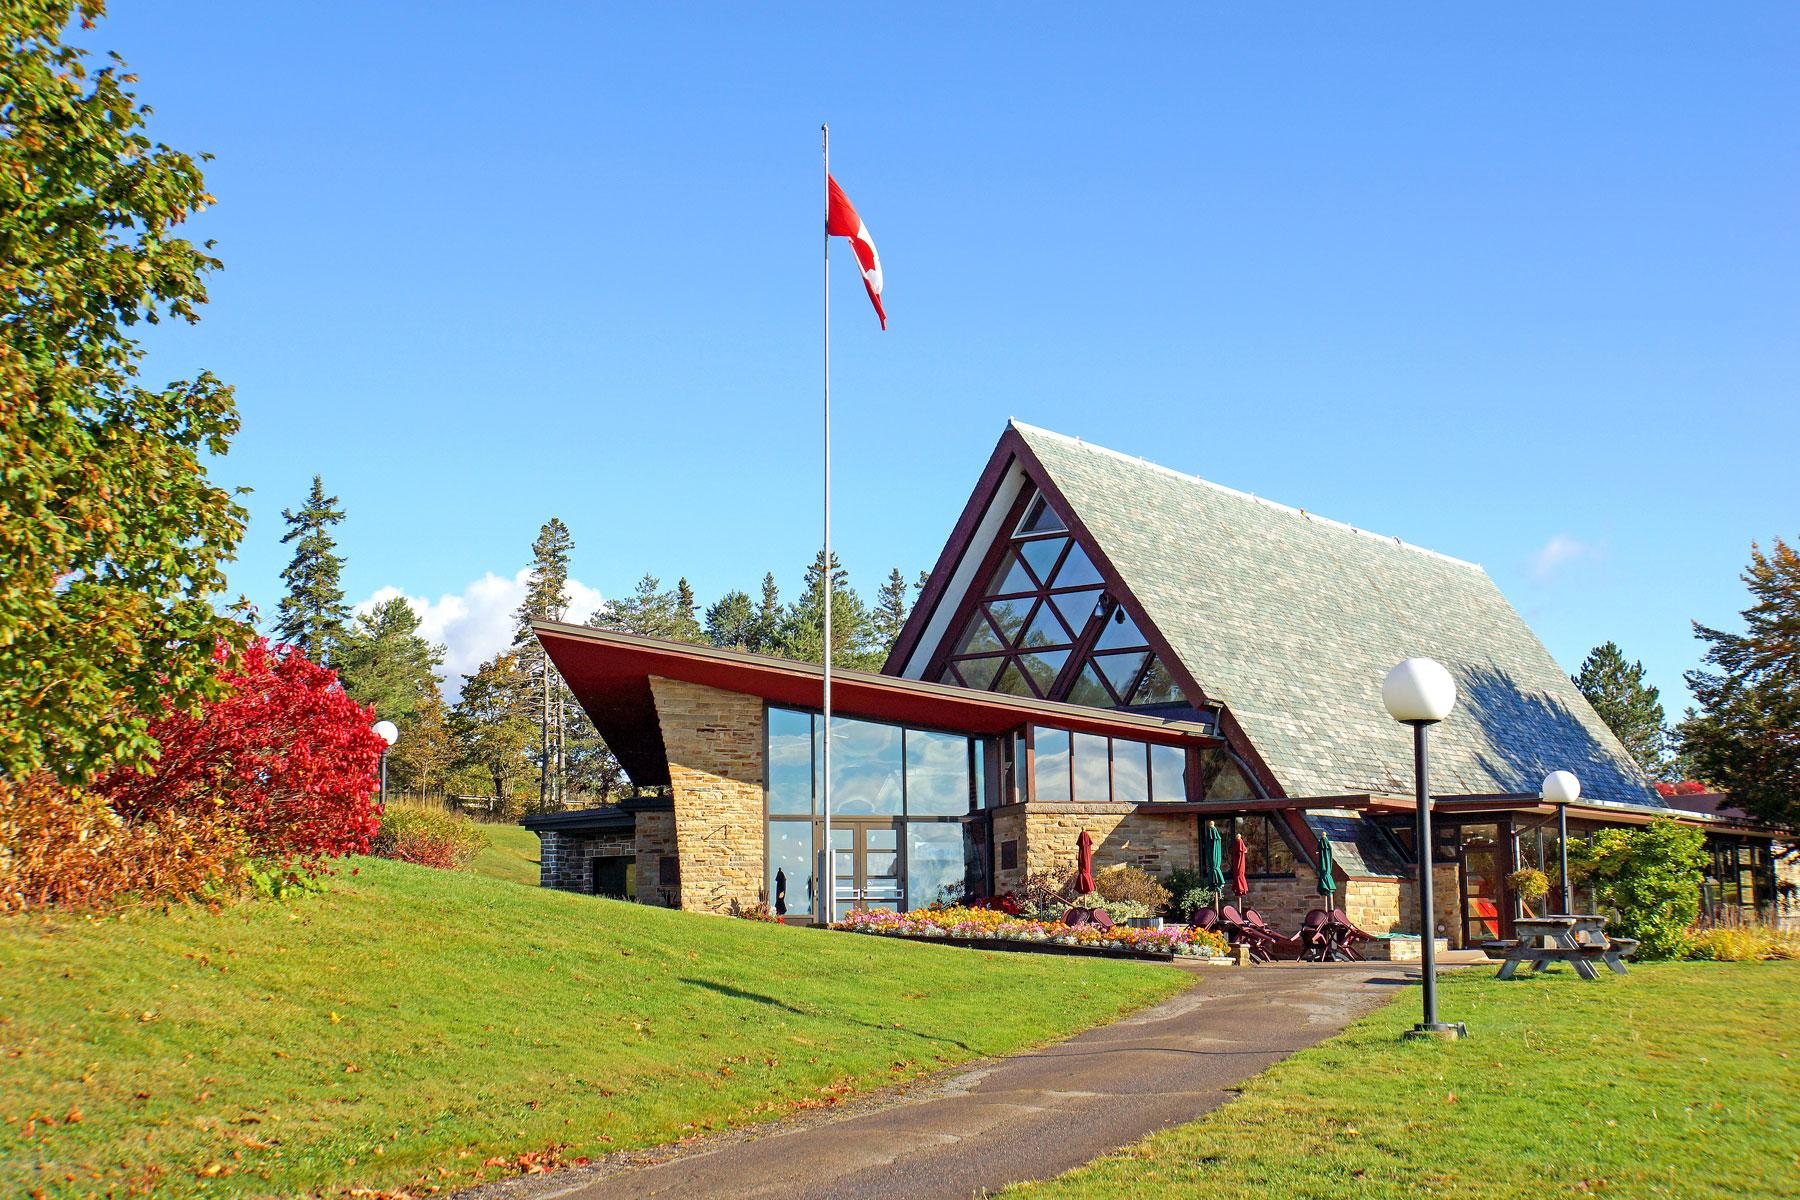 05_Historic_Sites_Atlantic_Canada_Alexander_Graham_Bell_Museum_15347249479_f8668d6d32_o-(1)